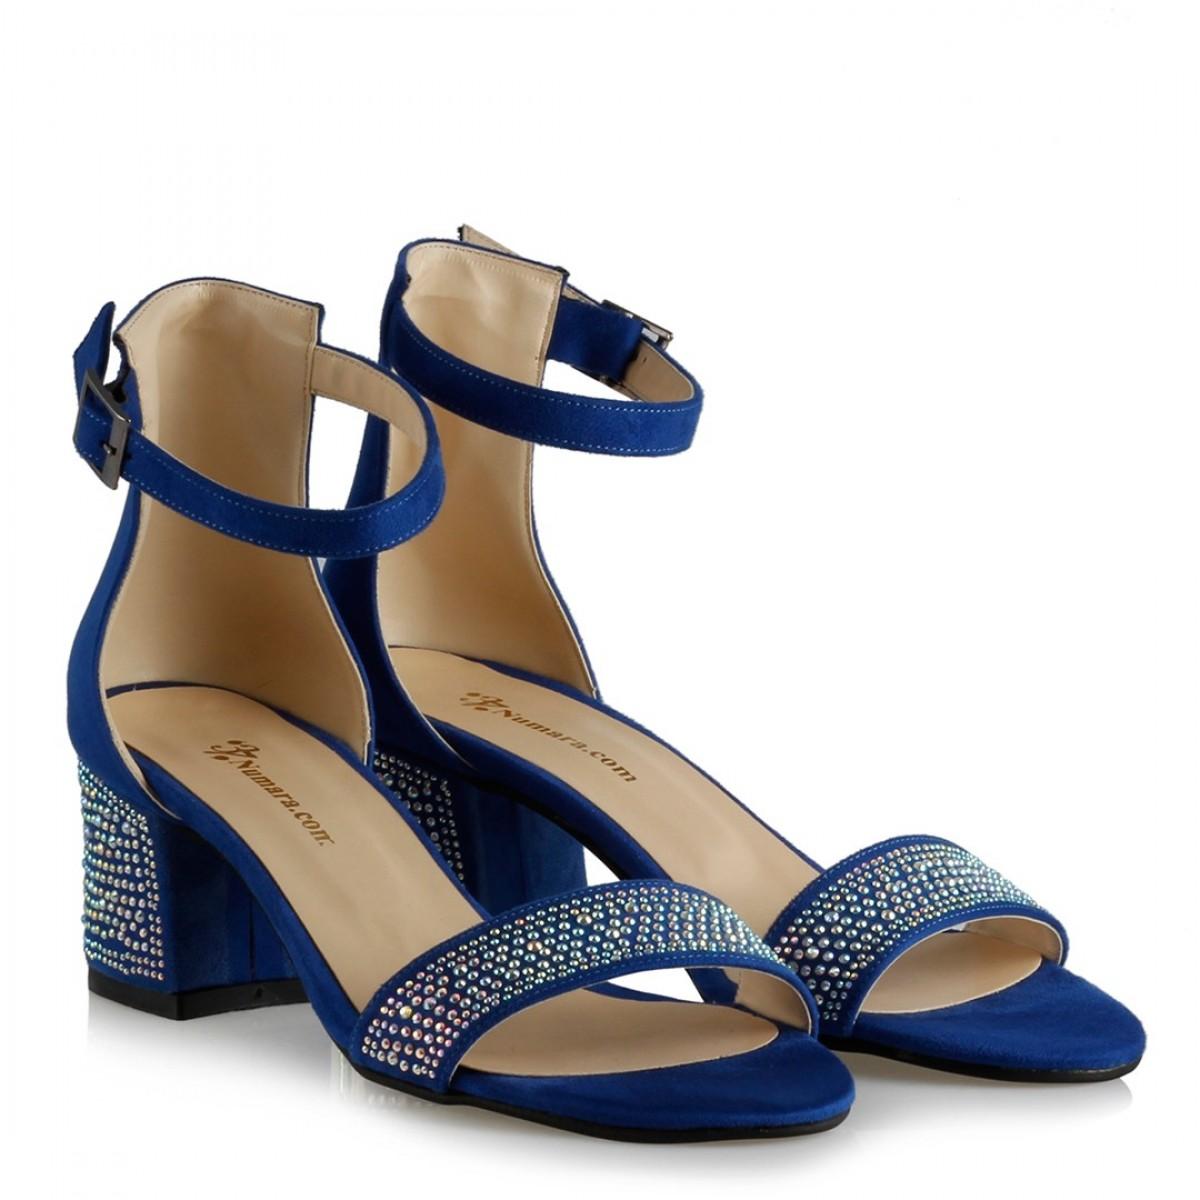 Az Topuklu Ayakkabı Saks Mavi Süet Taşlı